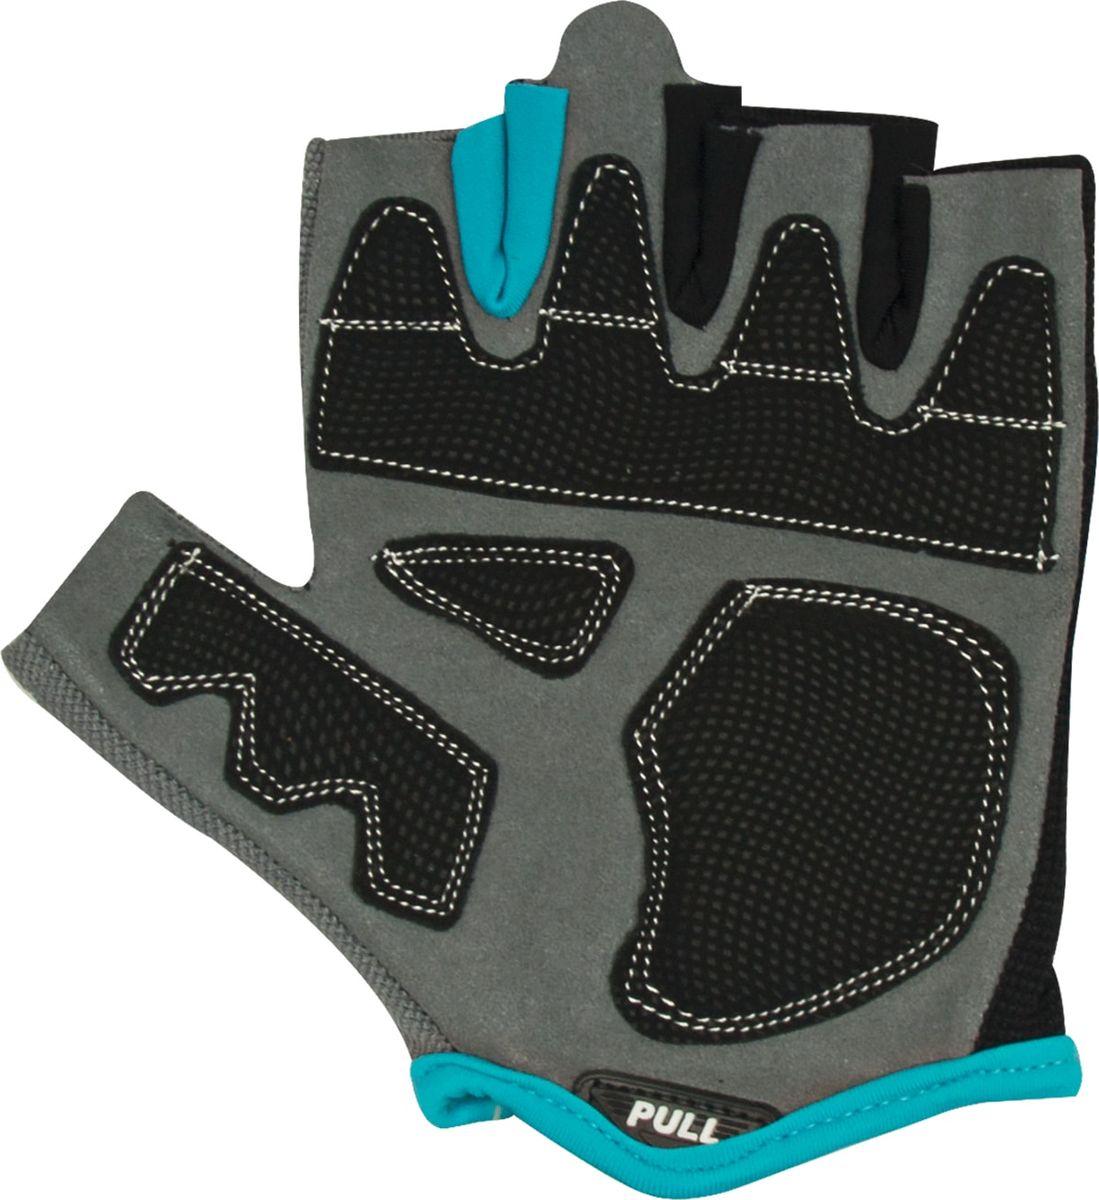 Перчатки для фитнеса Starfit  SU-117 , цвет: черный, серый, голубой. Размер L - Одежда, экипировка